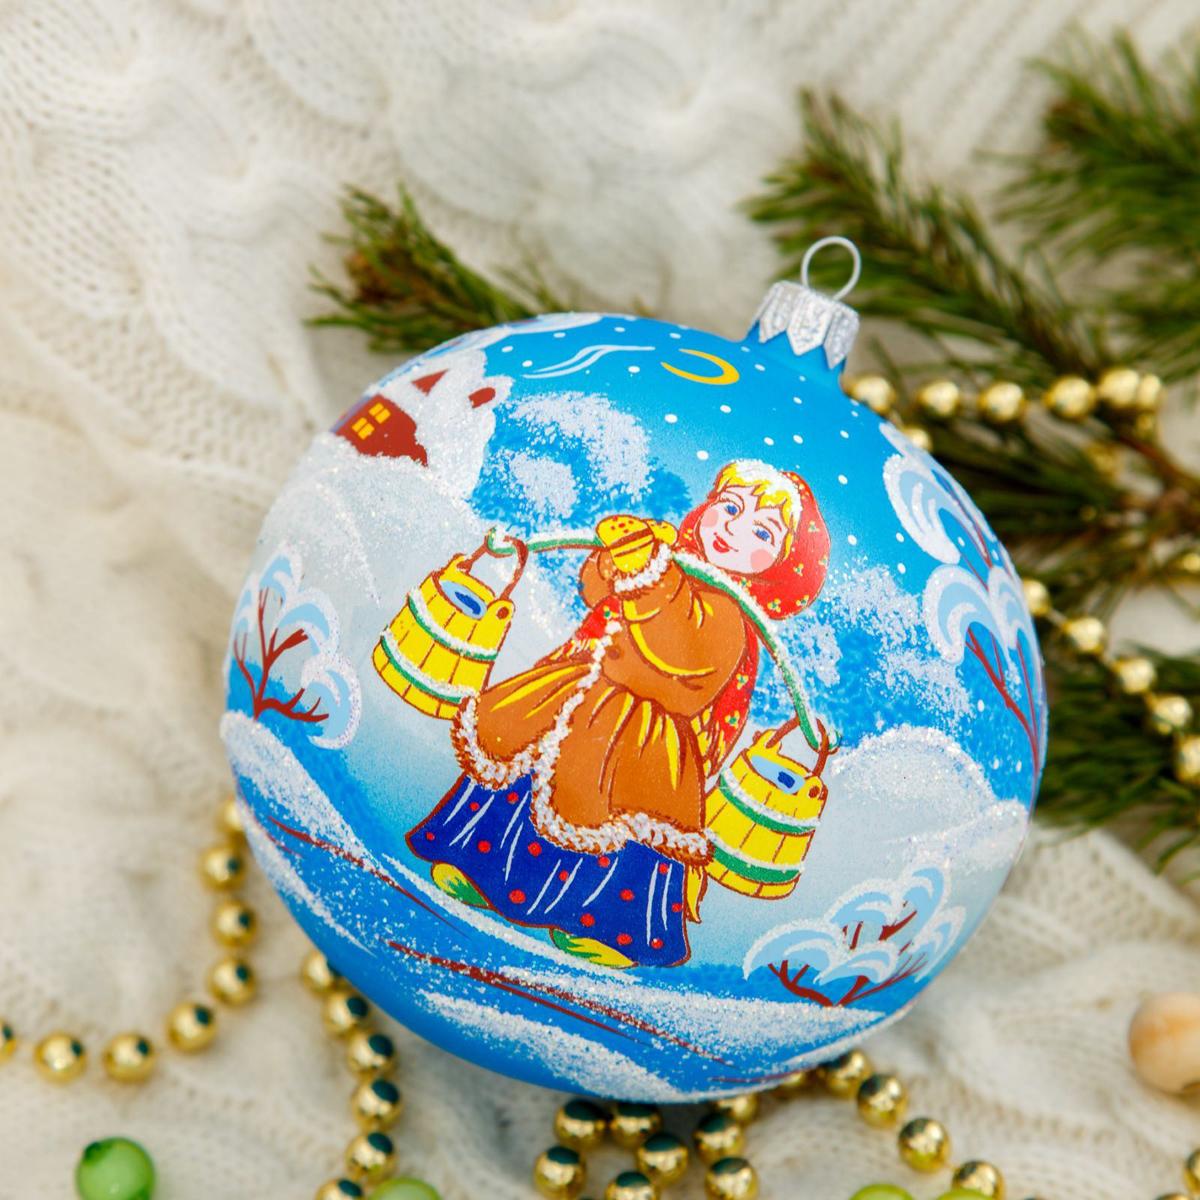 Новогоднее подвесное украшение Ёлочка Аленушка, диаметр 11,5 см2564838Новогоднее подвесное украшение Ёлочка отлично подойдет для декорации вашего дома и новогодней ели. Новогоднее украшение можно повесить в любом понравившемся вам месте. Но, конечно, удачнее всего оно будет смотреться на праздничной елке.Елочная игрушка - символ Нового года. Она несет в себе волшебство и красоту праздника. Такое украшение создаст в вашем доме атмосферу праздника, веселья и радости.